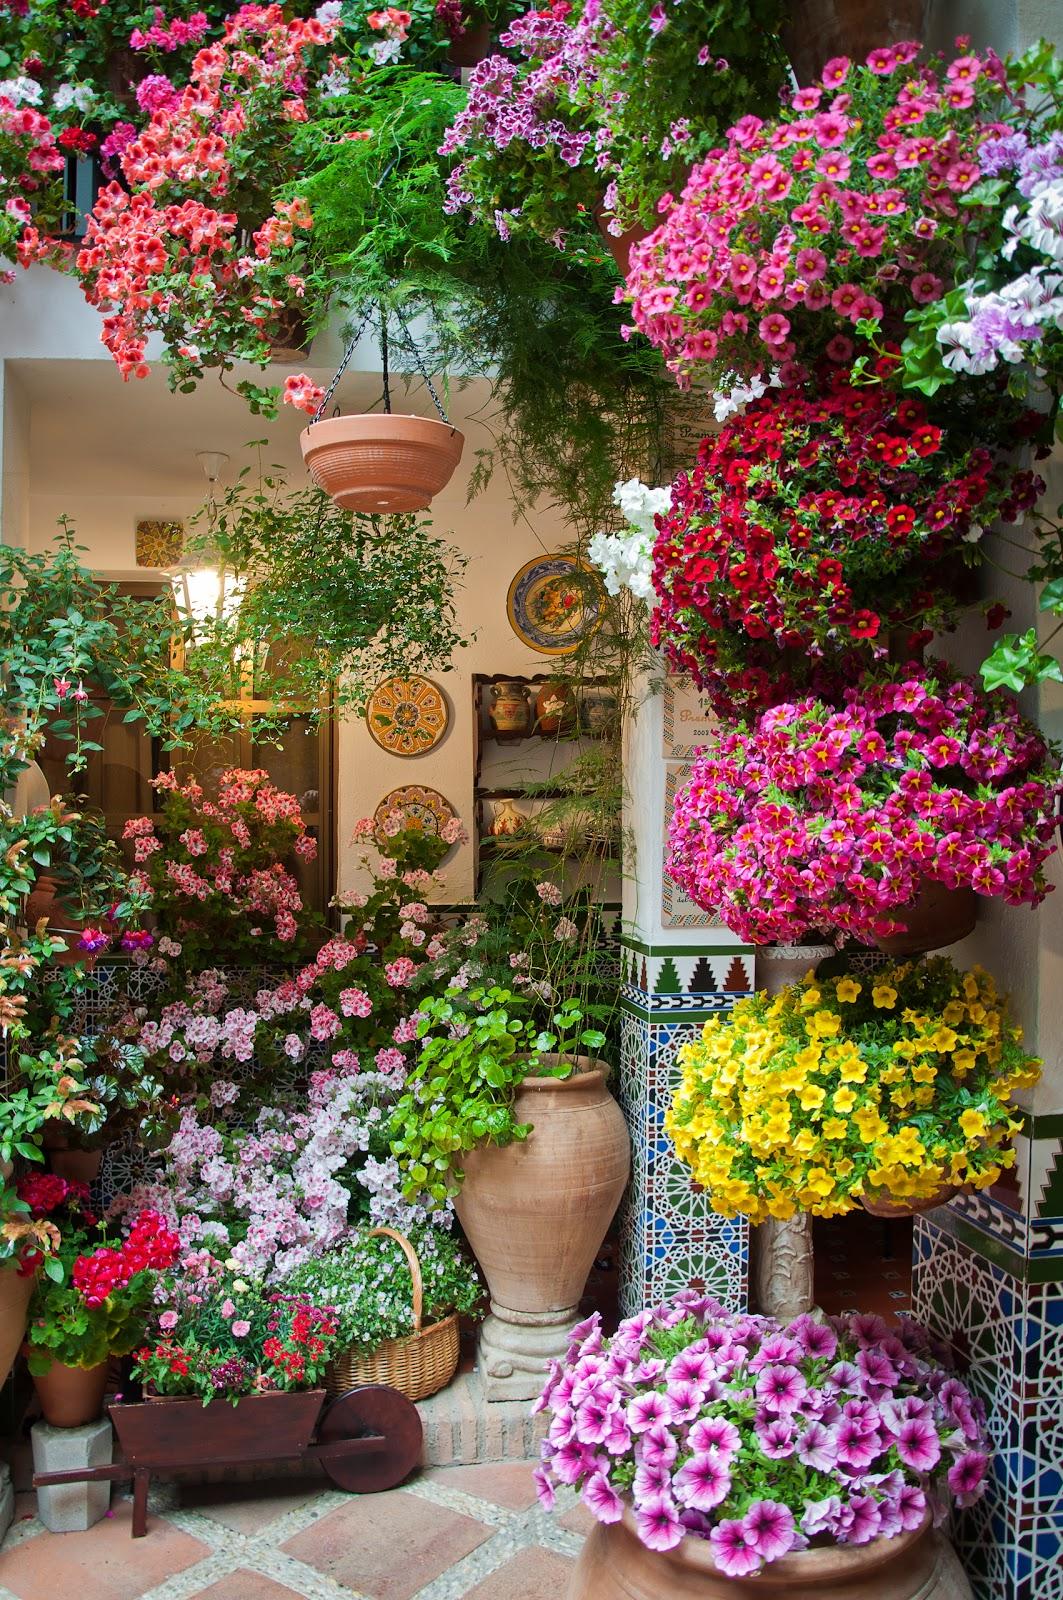 Candilazos patios cordobeses 2012 i for Colorful backyard decorating ideas